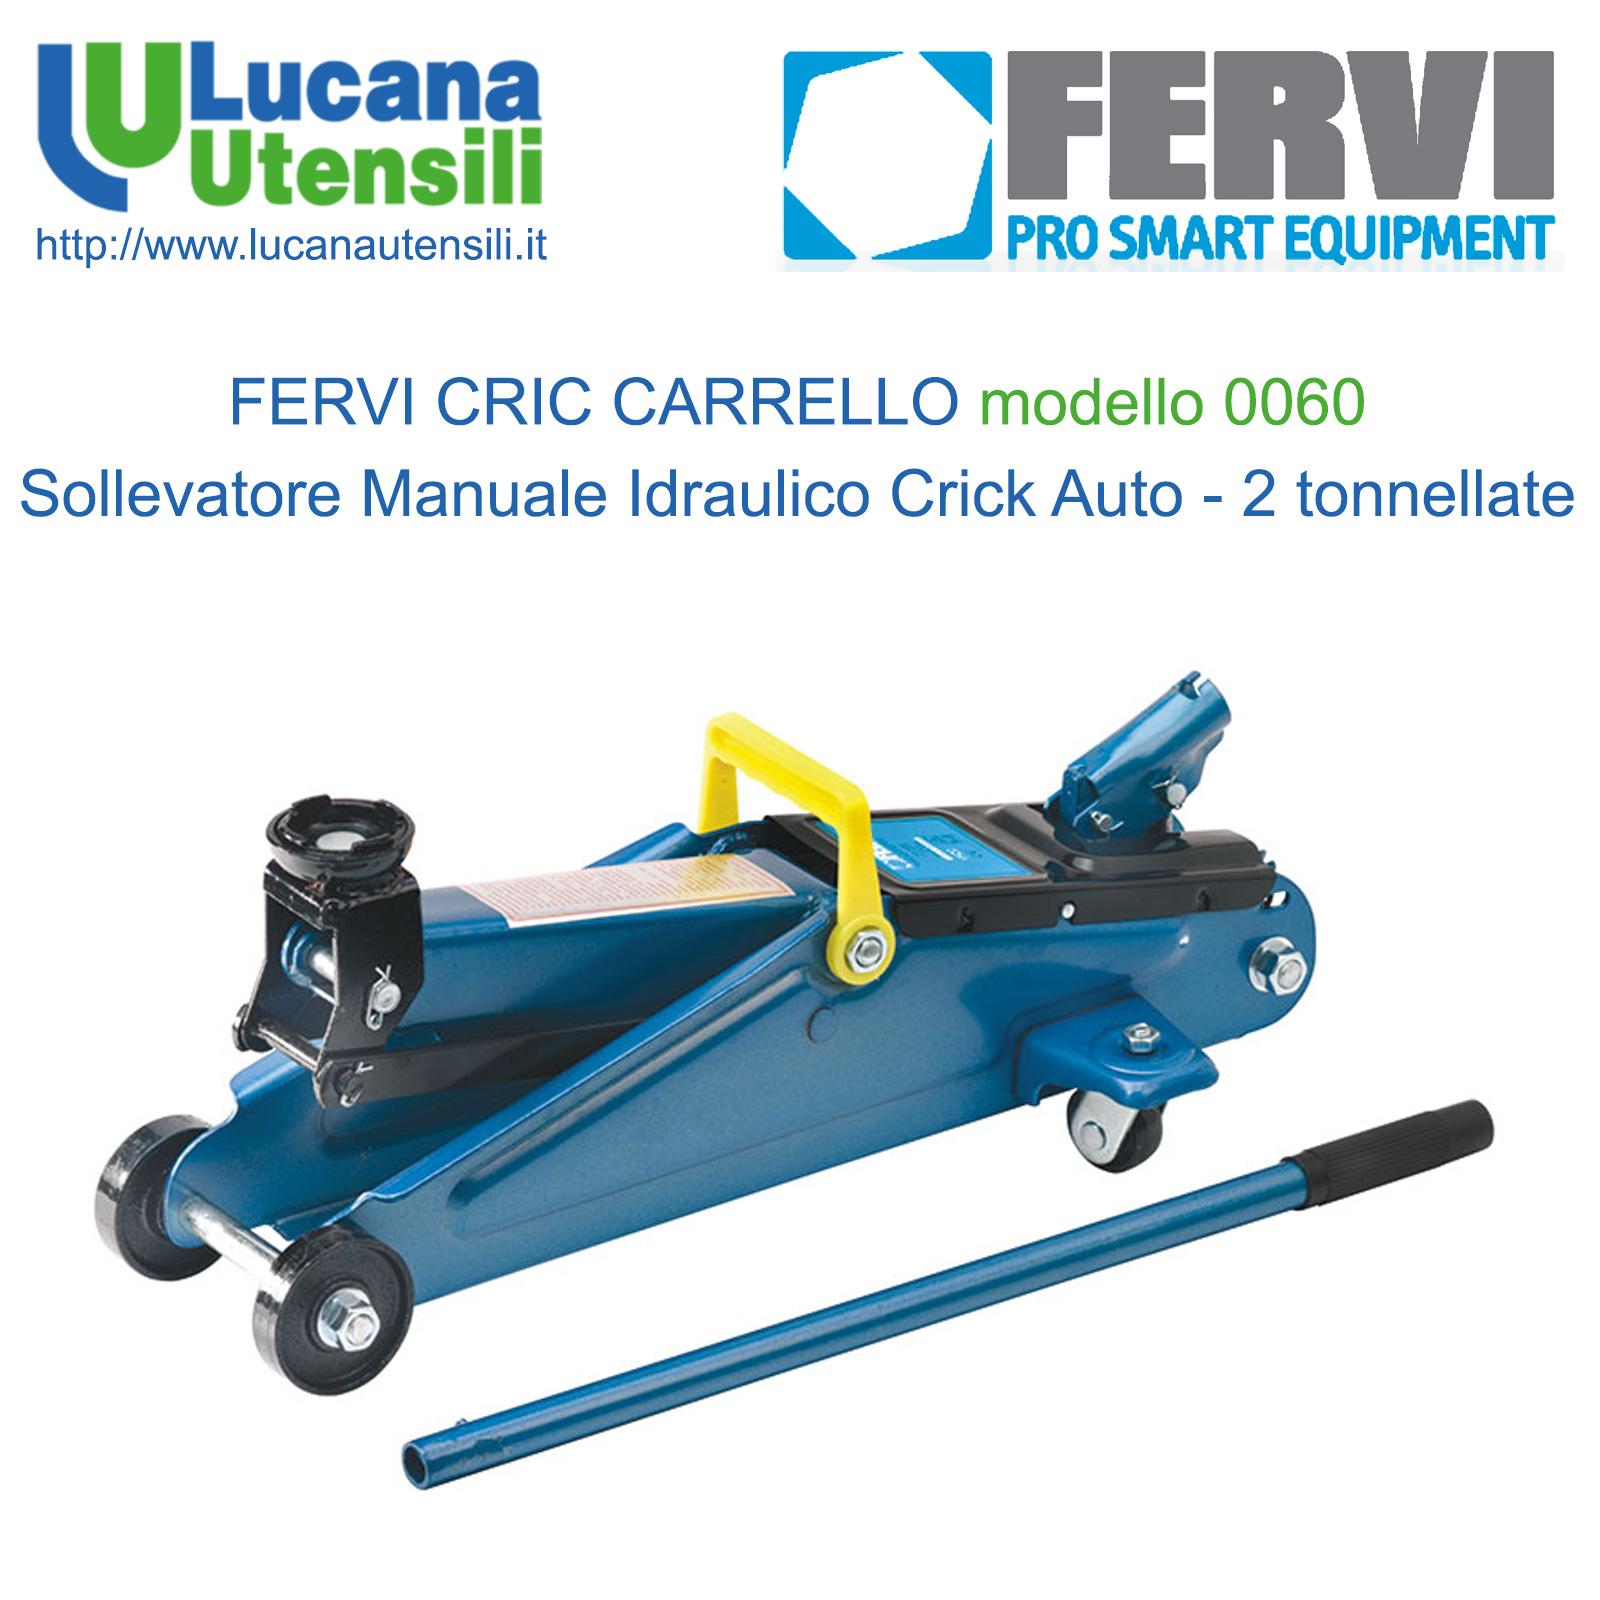 Fervi Cric Carrello Mod 0060 Sollevatore Manuale Idraulico Crick